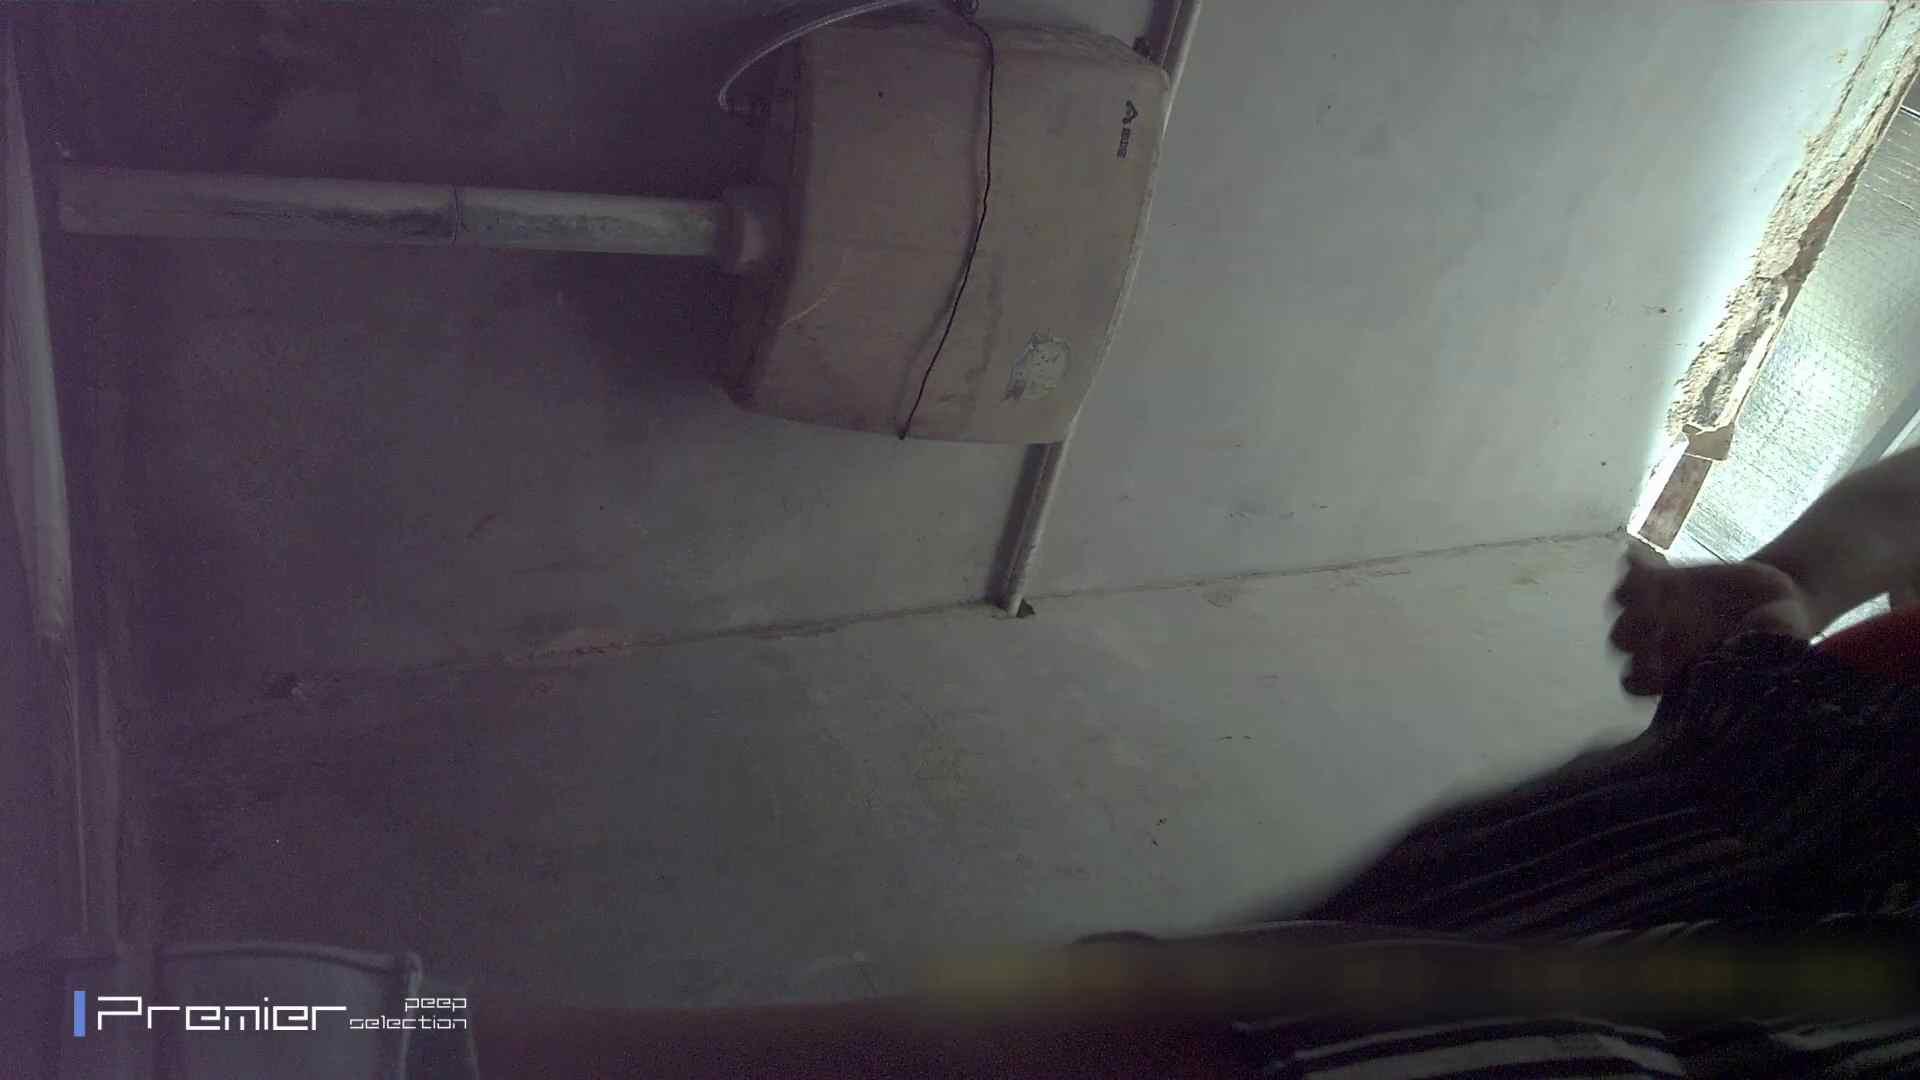 トイレシーンを密着盗撮!! 美女の痴態に密着!Vol.16 トイレのぞき オメコ無修正動画無料 91画像 11